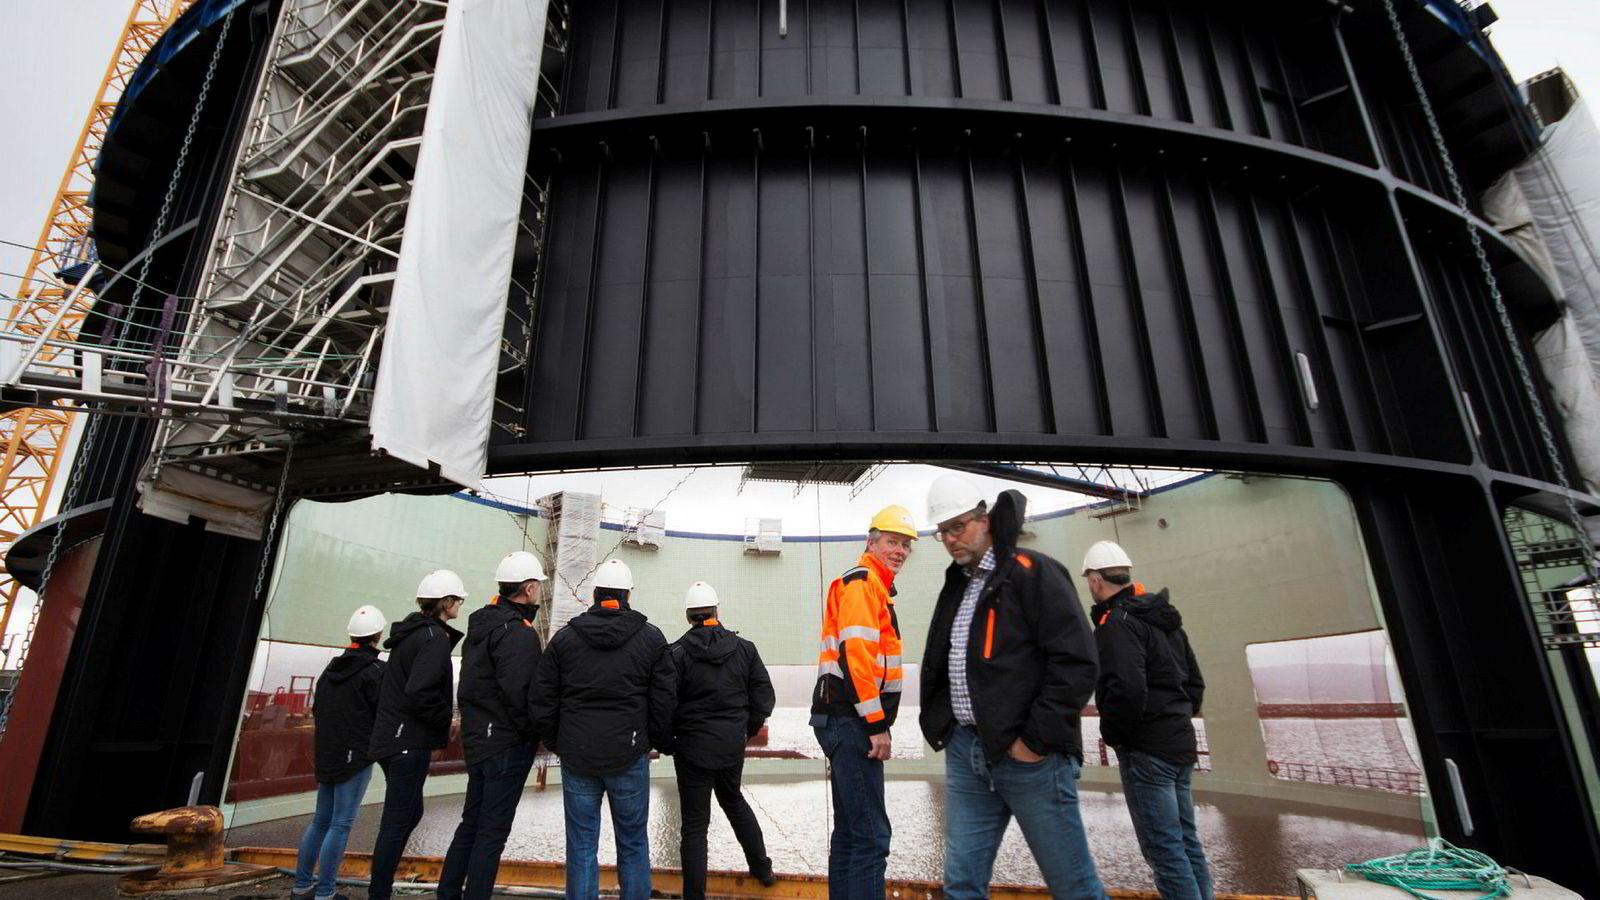 En delegasjon fra Norsk Fisketransport og Midtnorsk Havbruk ser på bygging av sin nye stålmerd på Fosen Yard ved Trondheimsfjorden. I oransje kjeledress administrerende direktør Anders Straumsheim i Fosen Yard, foran til høyre prosjektleder Steingrim Holm.